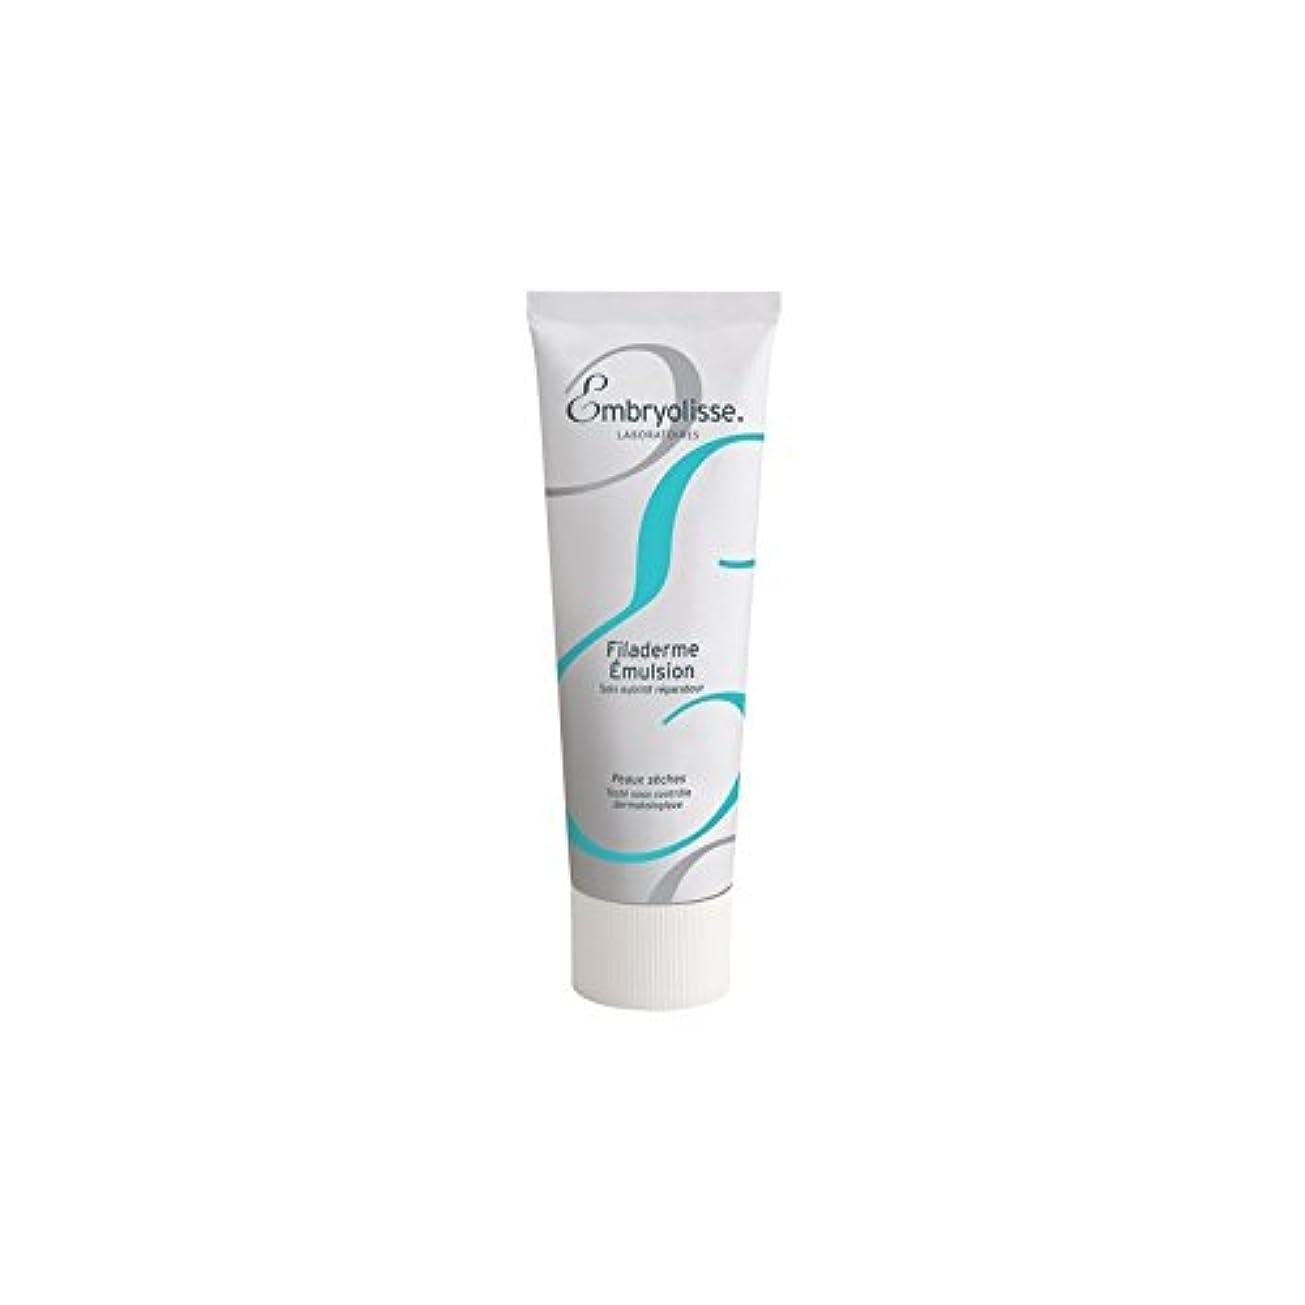 風景等しいかごエマルジョン(75ミリリットル) x4 - Embryolisse Filaderme Emulsion (75ml) (Pack of 4) [並行輸入品]